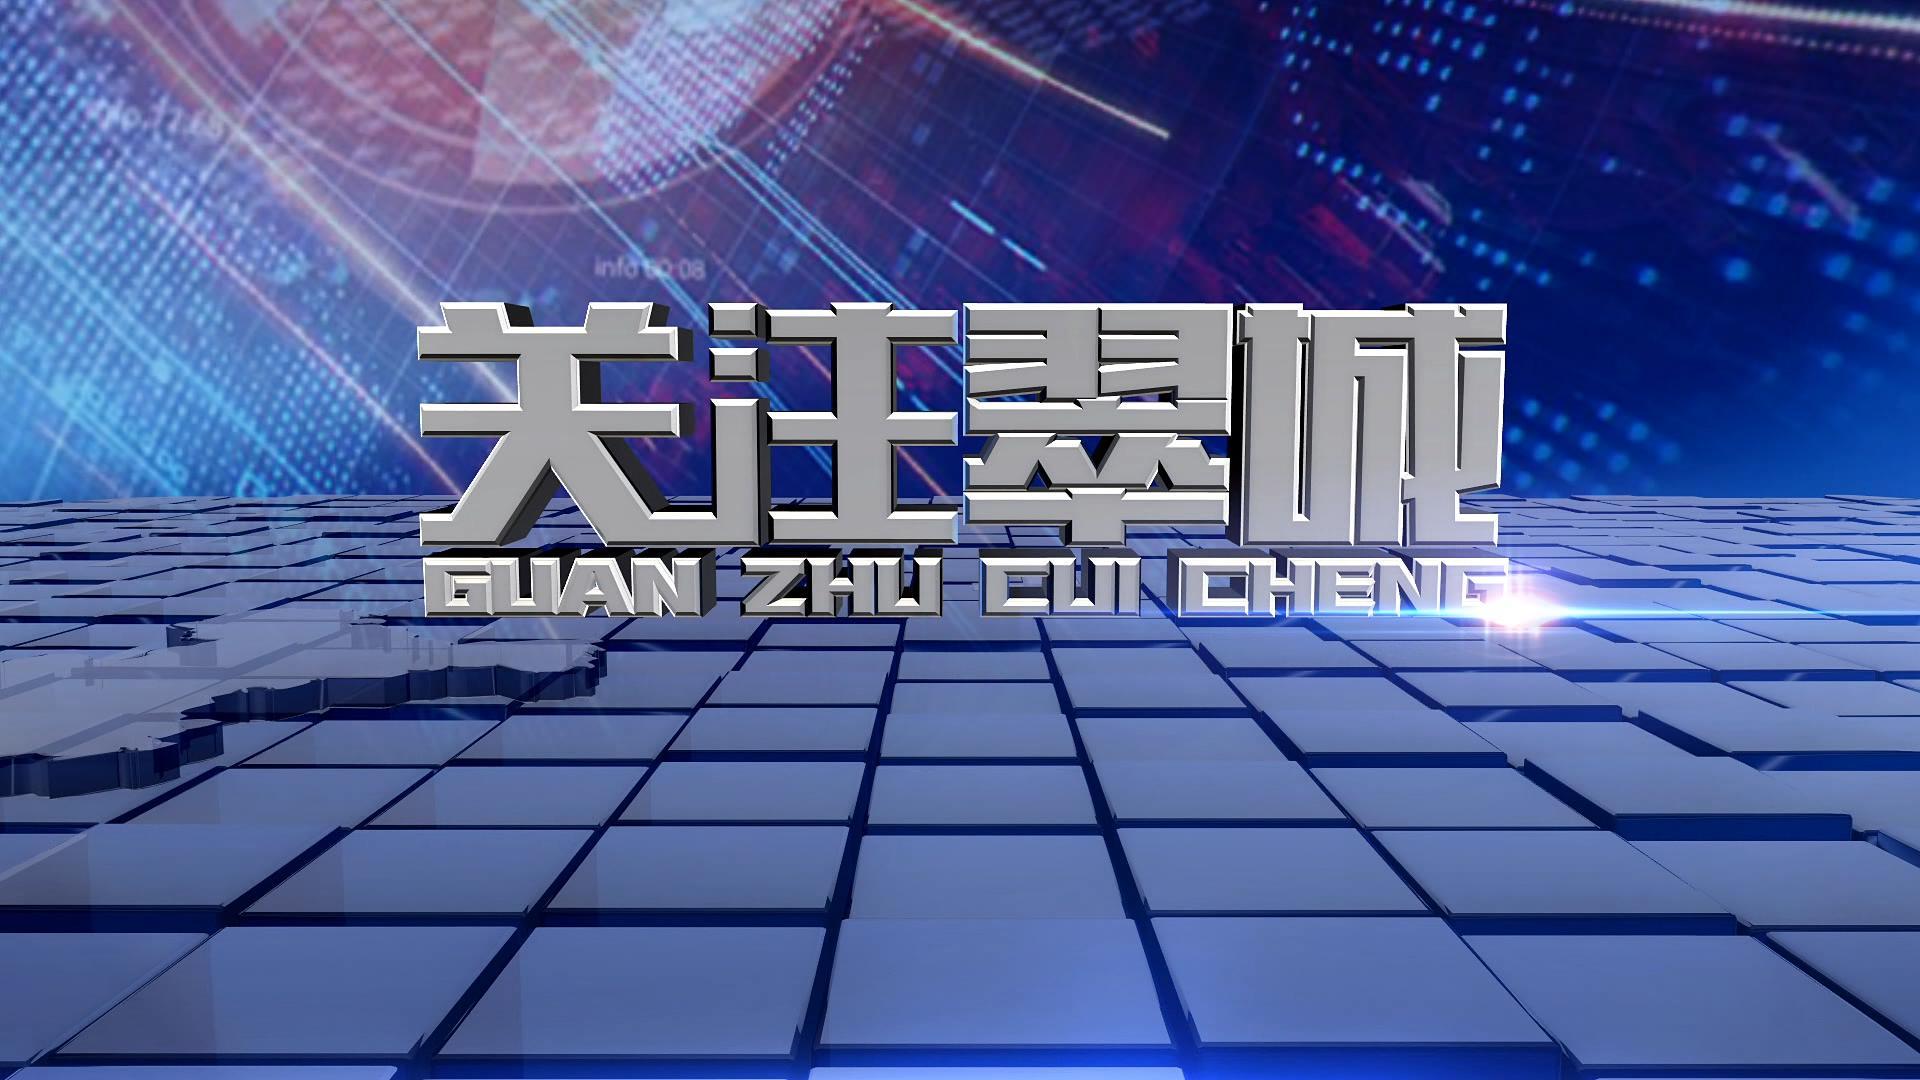 關注翠(cui)城:2020年03月29日(ri)